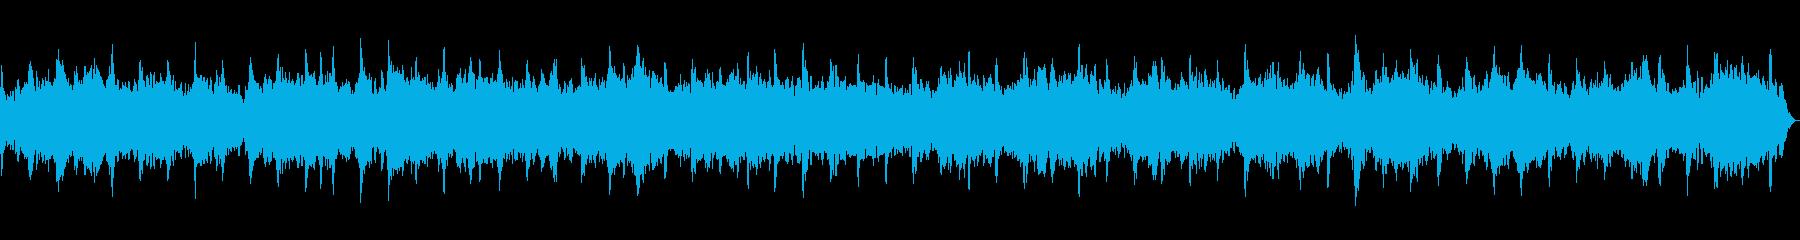 24【417Hz】ソルフェジオ周波数の再生済みの波形